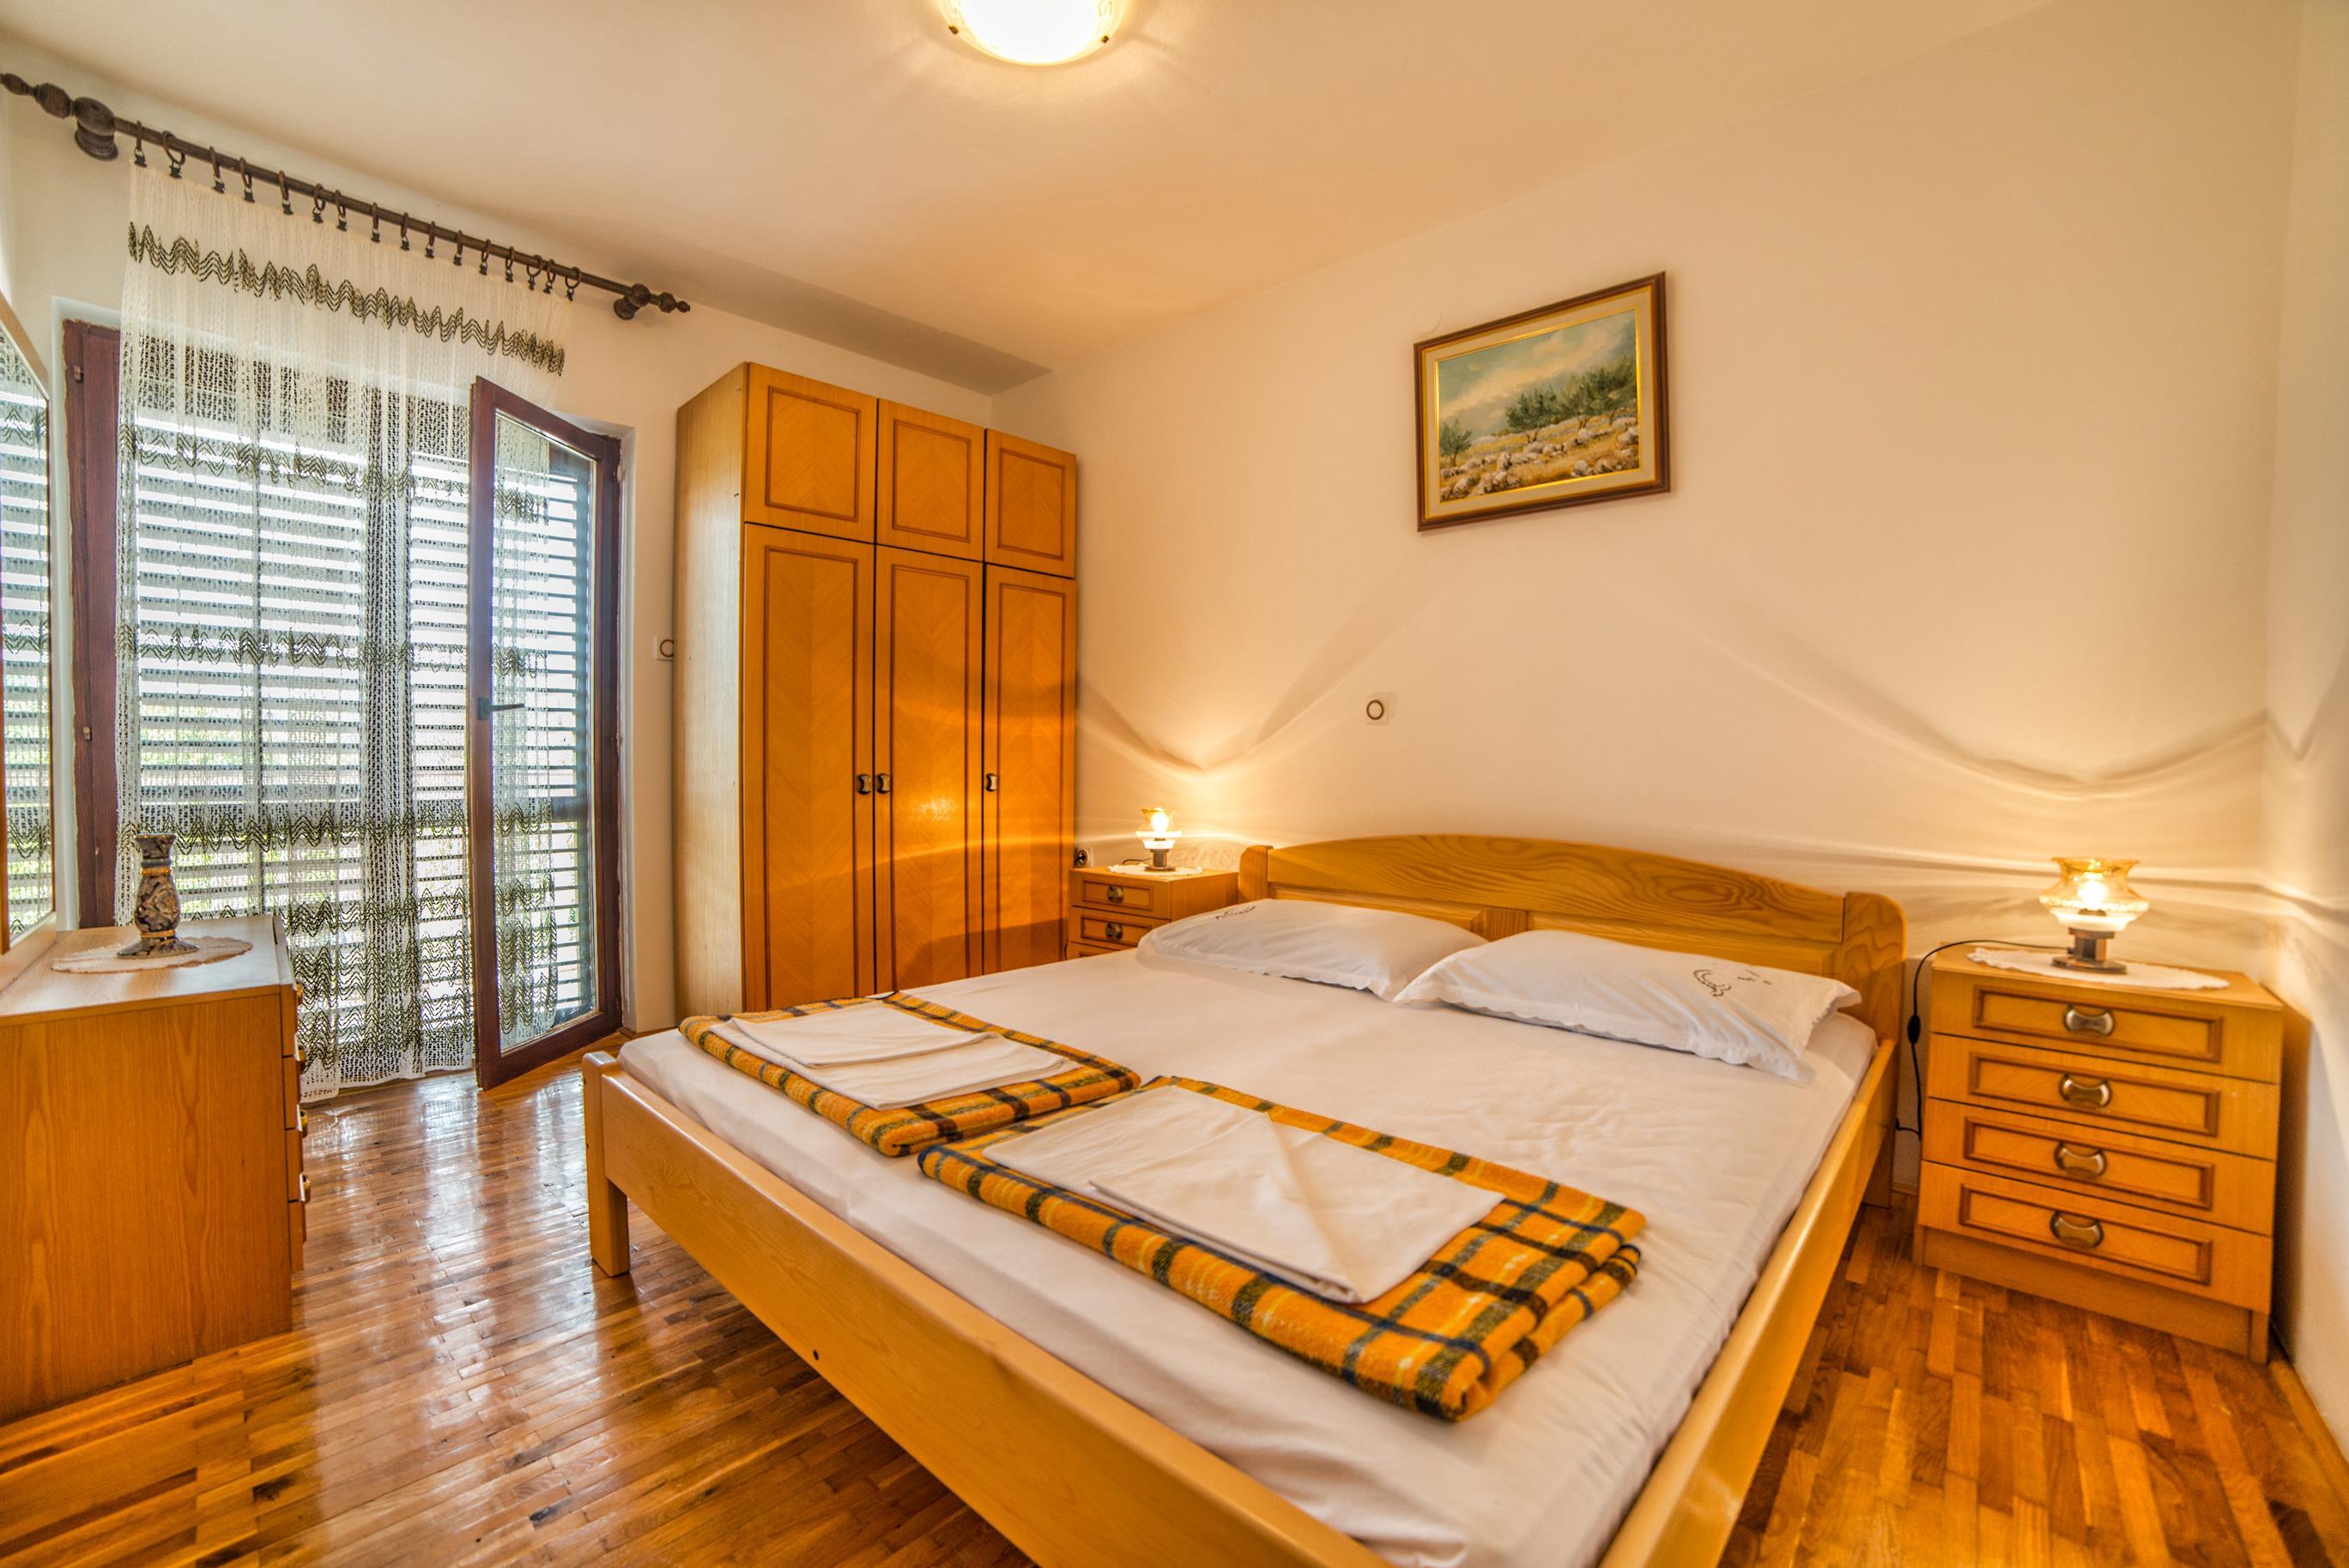 Ferienwohnung Apartments Grozdana / Two Bedrooms Niko 2 (1869133), Crikvenica, , Kvarner, Kroatien, Bild 10